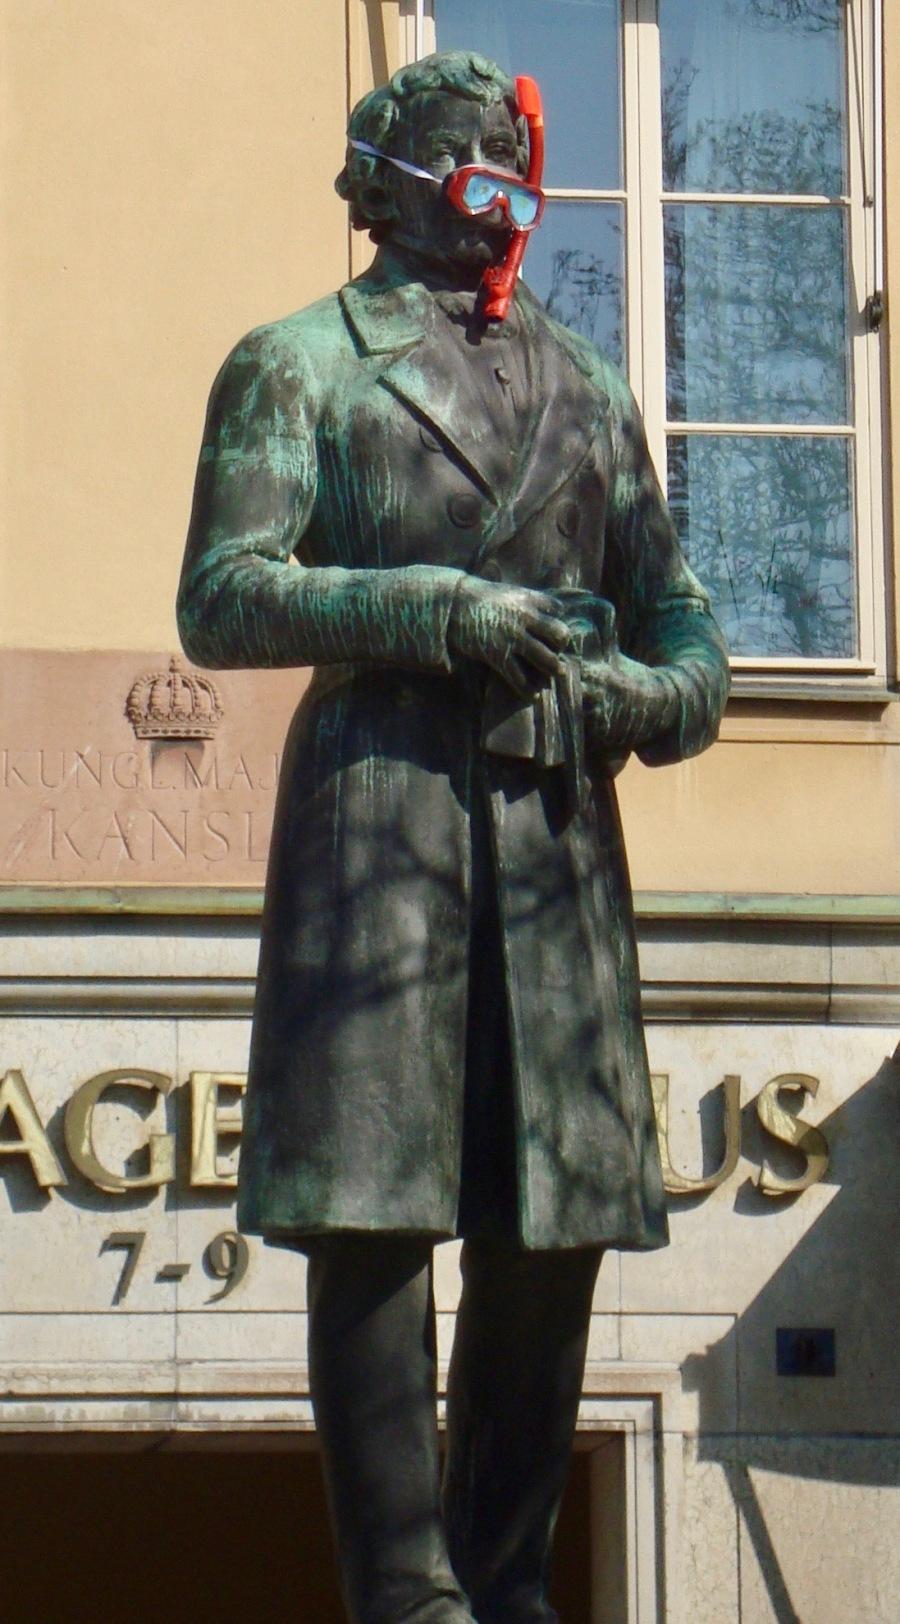 Stockholm mask statue